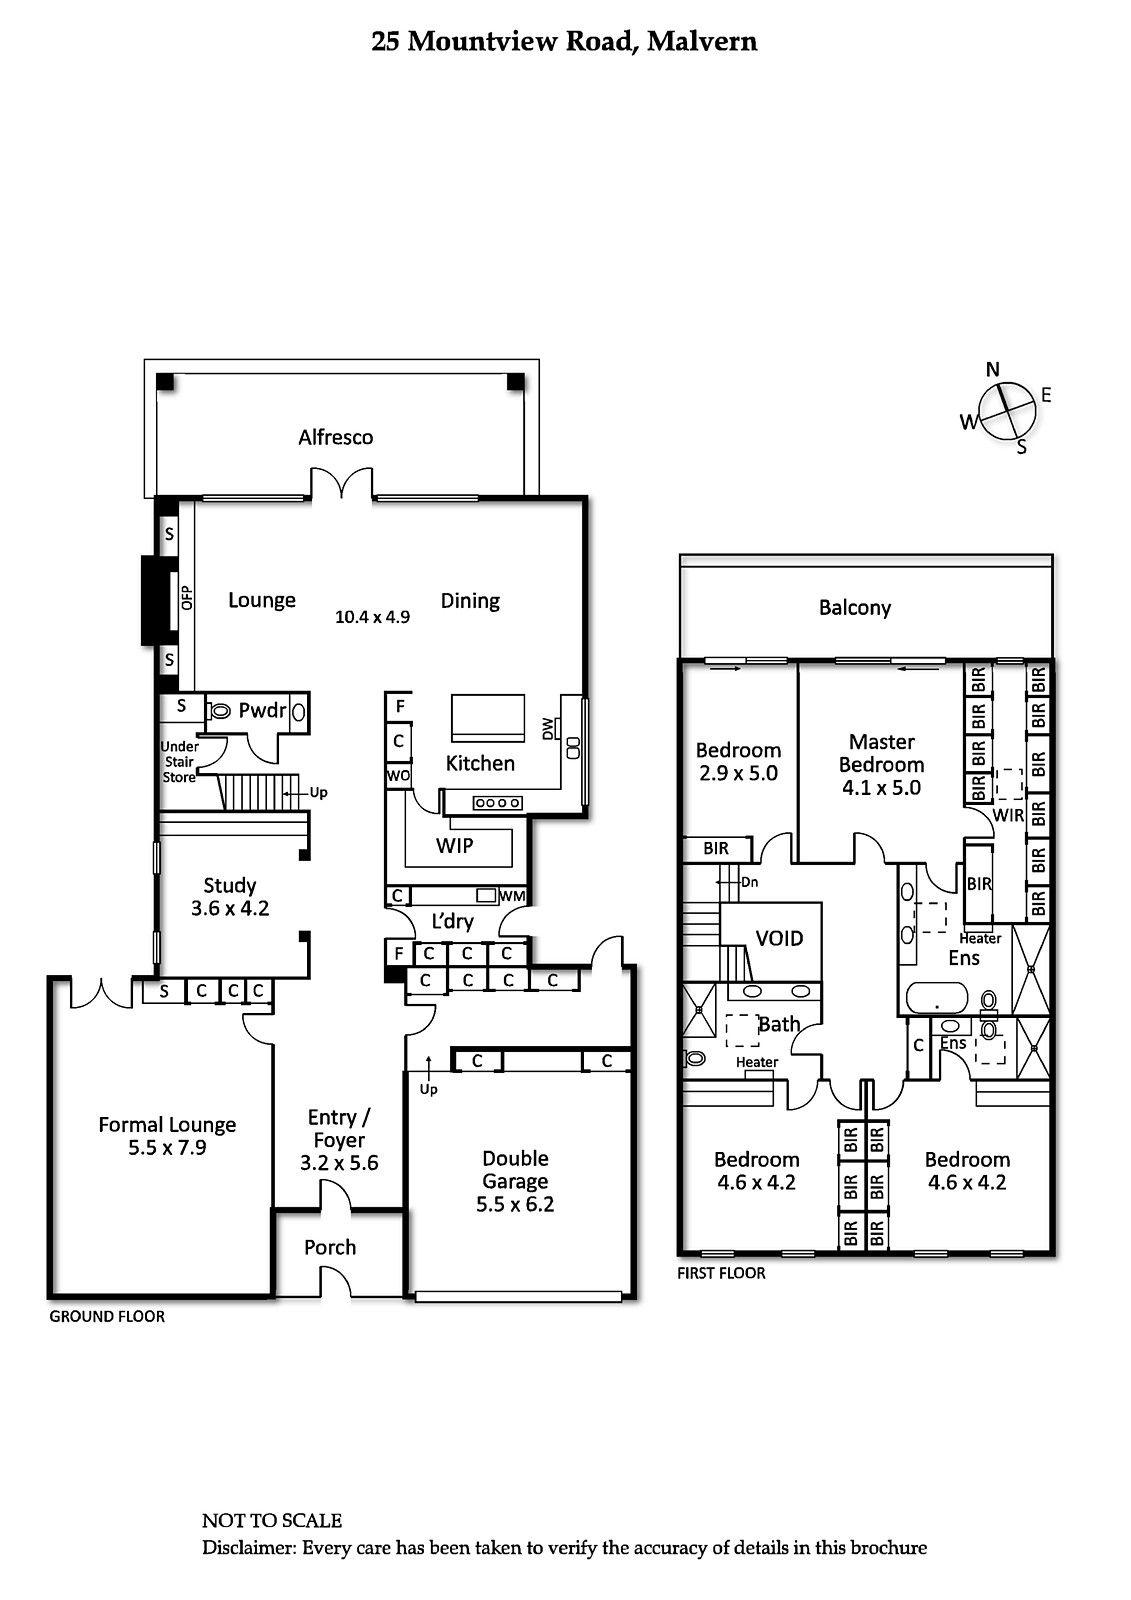 Queen Bed In 10x10 Room: 25 Mountview Road, Malvern, Vic 3144 - Floorplan